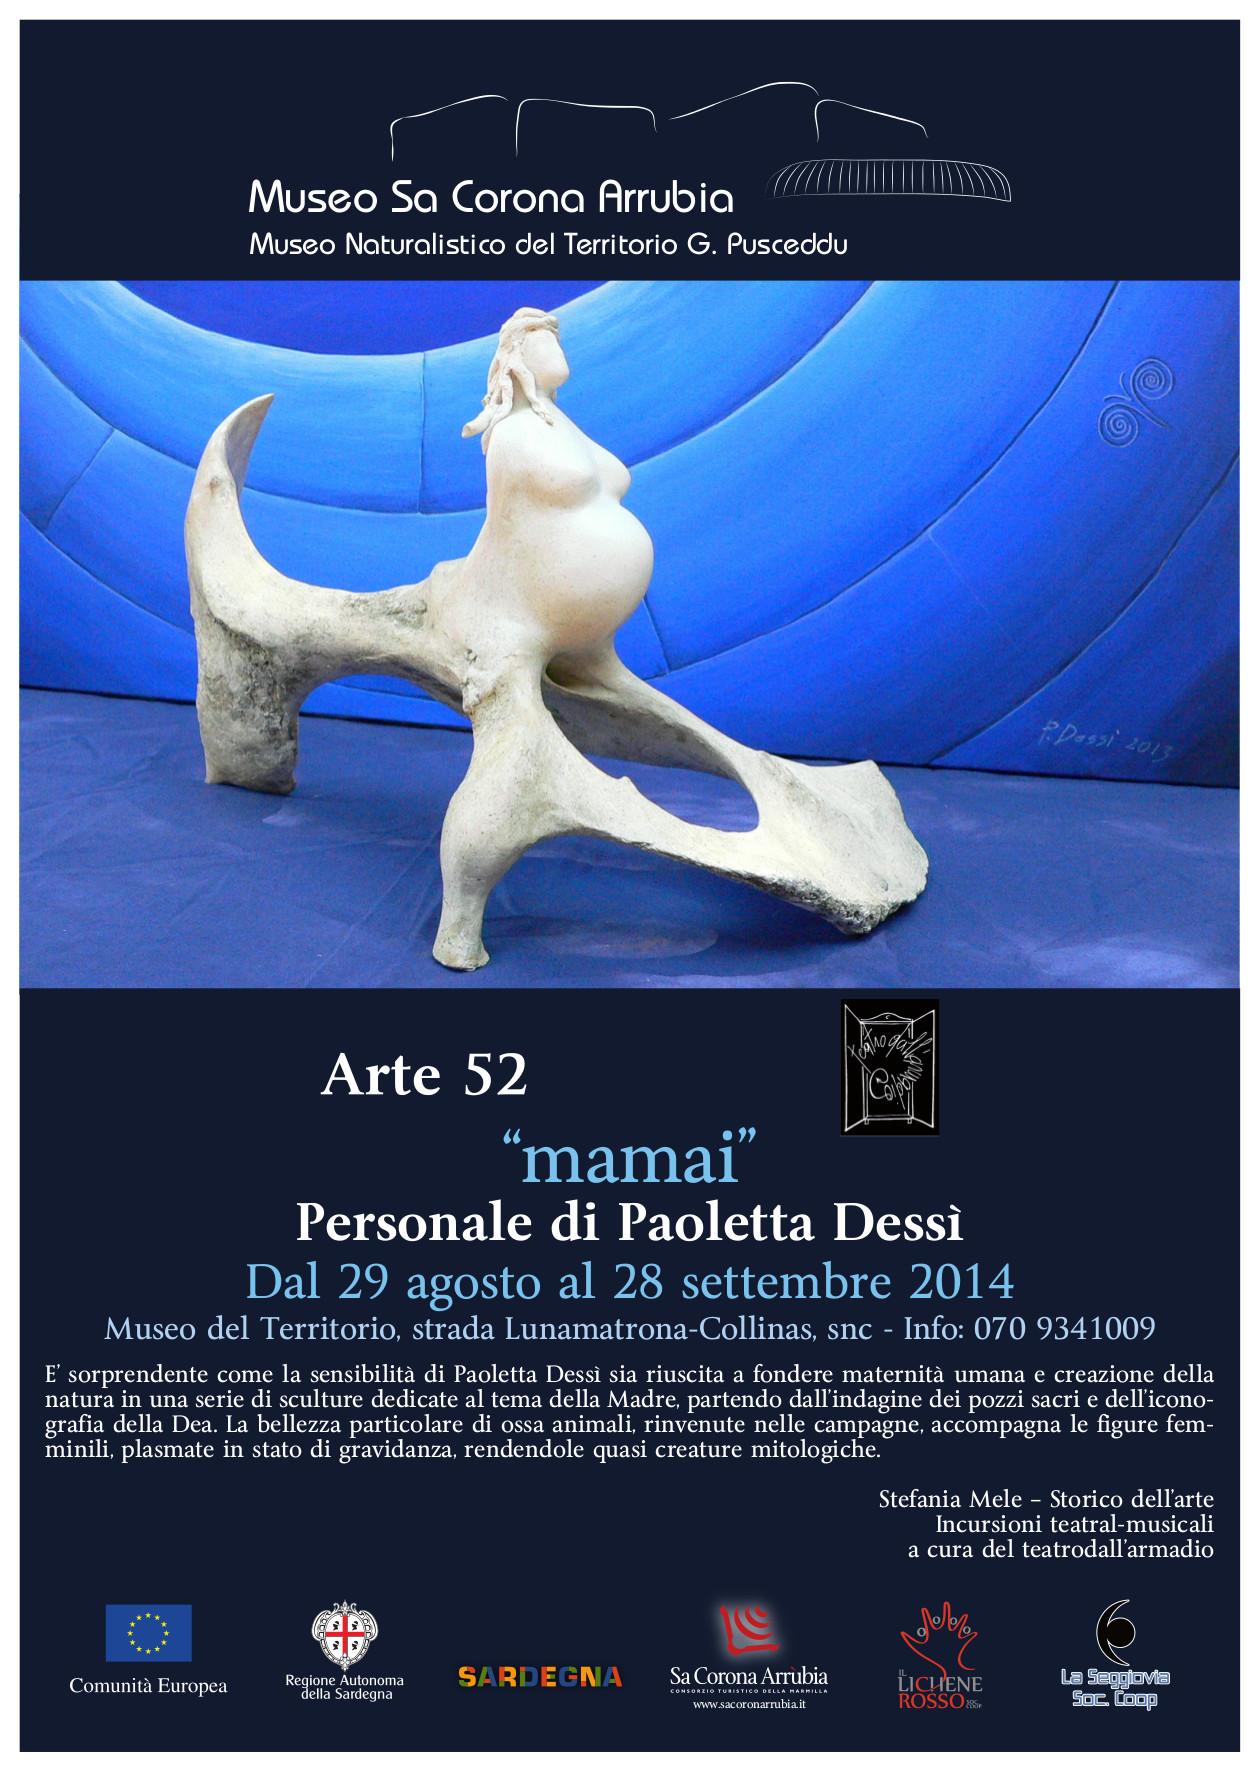 """Arte52 """"mamai"""" Personale di Paoletta Dessì Dal 29 agosto al 28 settembre 2014 Museo naturalistico del territorio """"G. Pusceddu"""" Strada Lunamatrona-Collinas"""